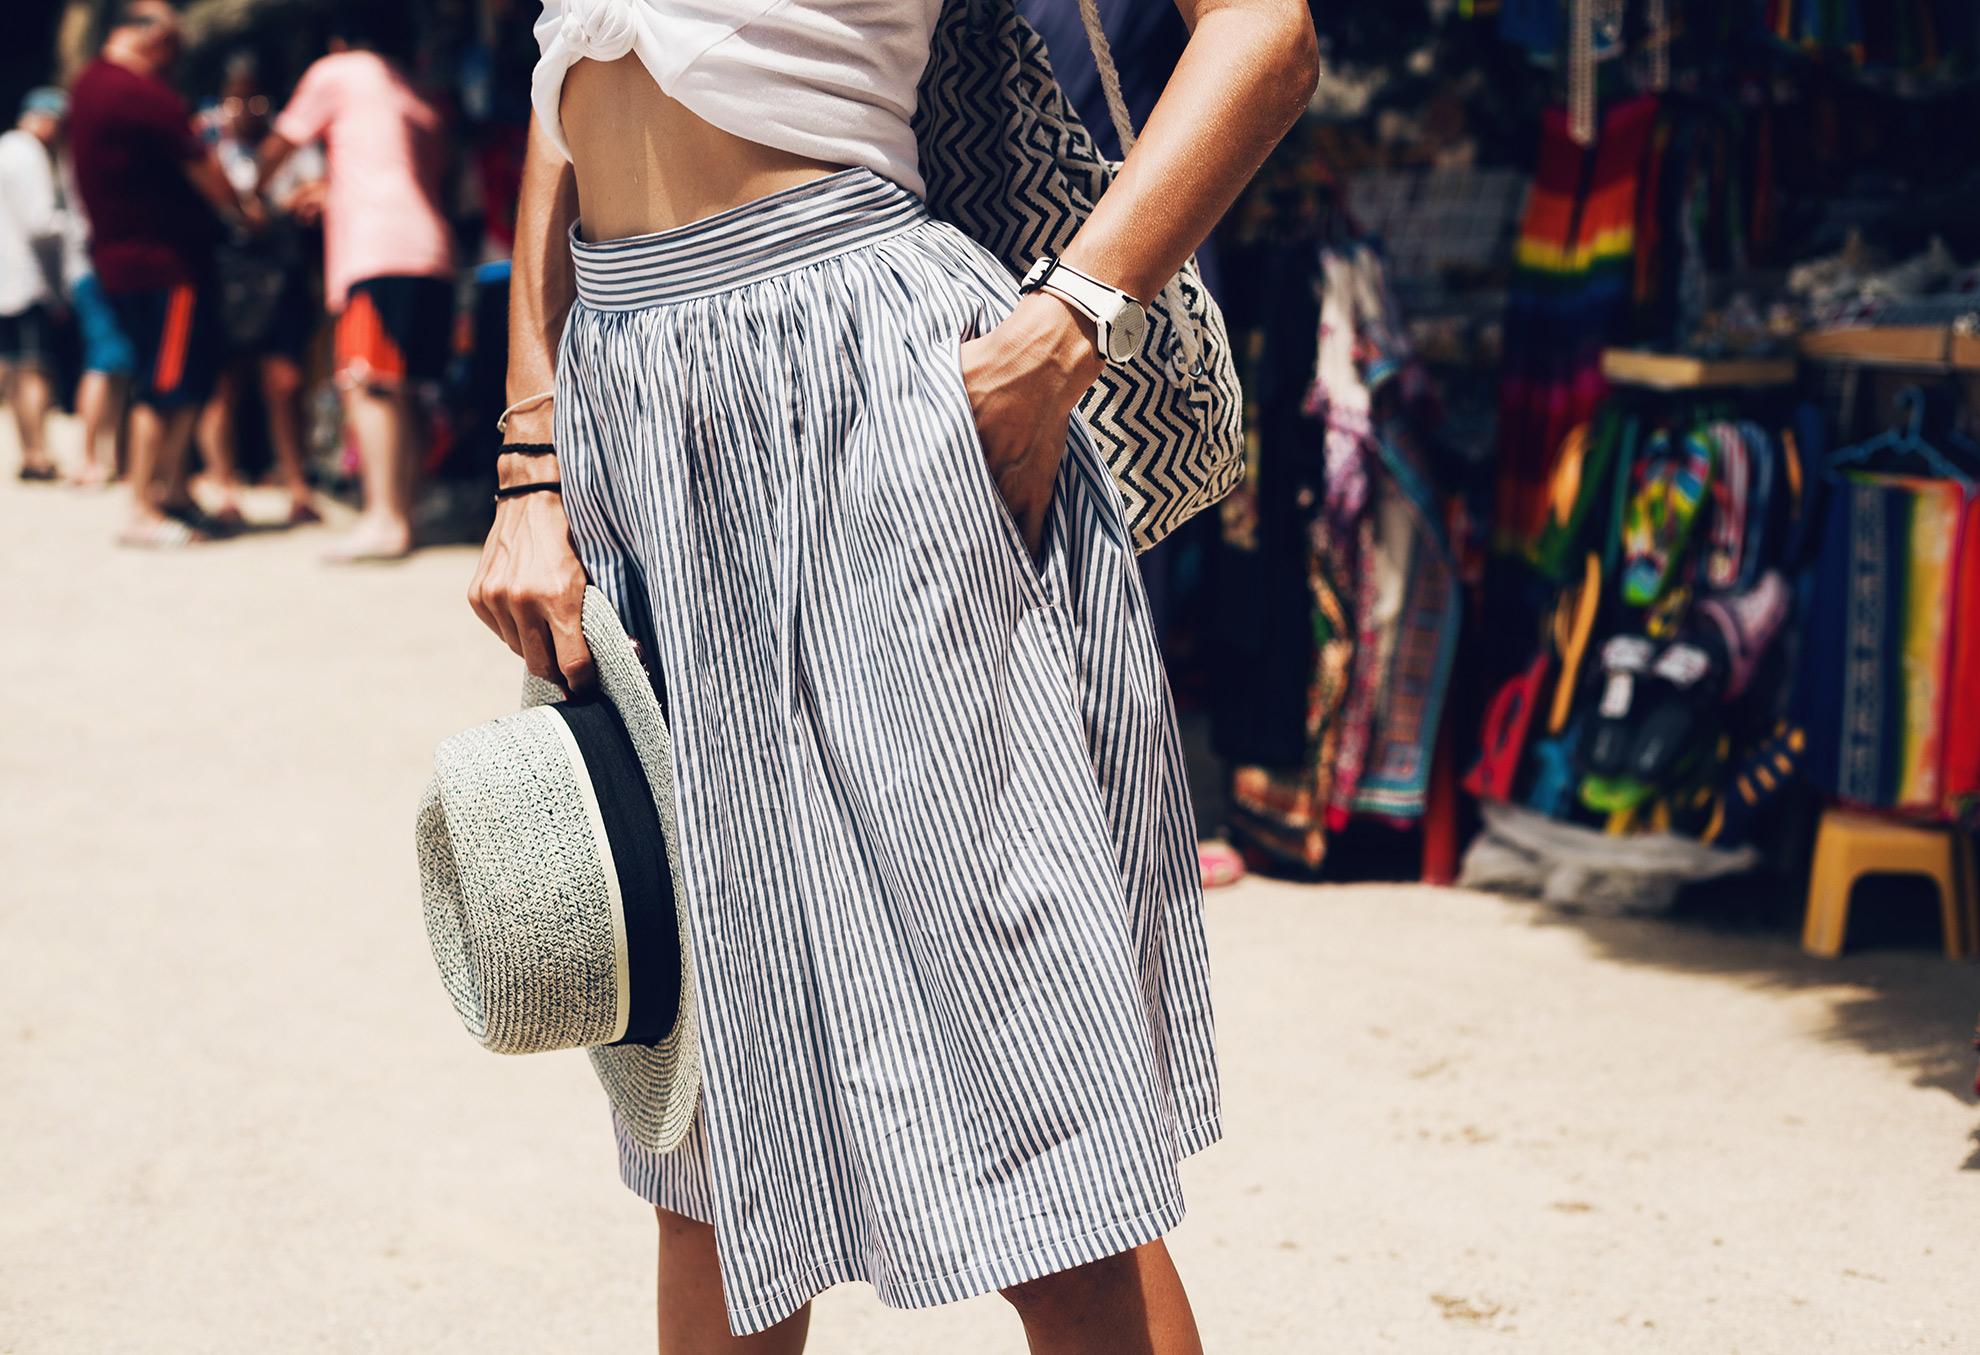 spódnica z kieszeniami, ilustracja do artykułu o spódnicach